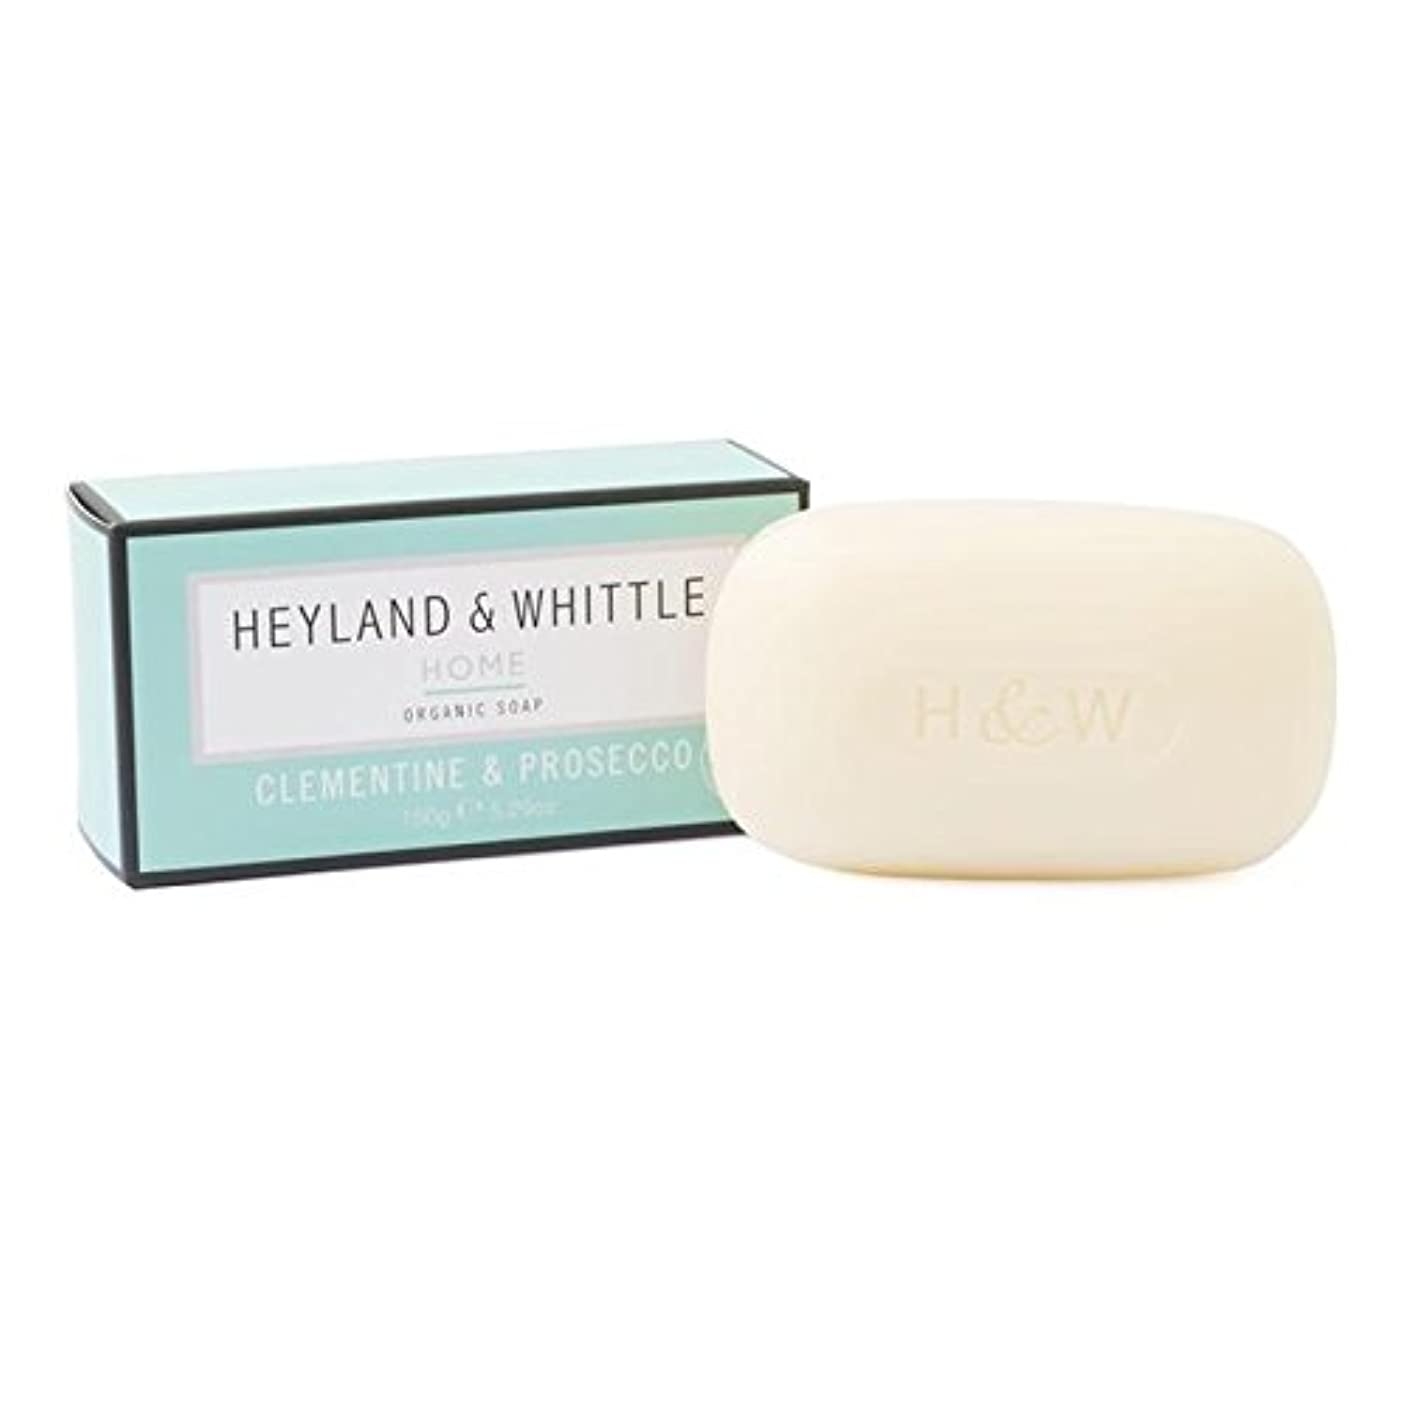 共役絶望的なドラムHeyland & Whittle Home Clementine & Prosecco Organic Soap 150g (Pack of 6) - &削るホームクレメンタイン&プロセッコ有機石鹸150グラム x6...